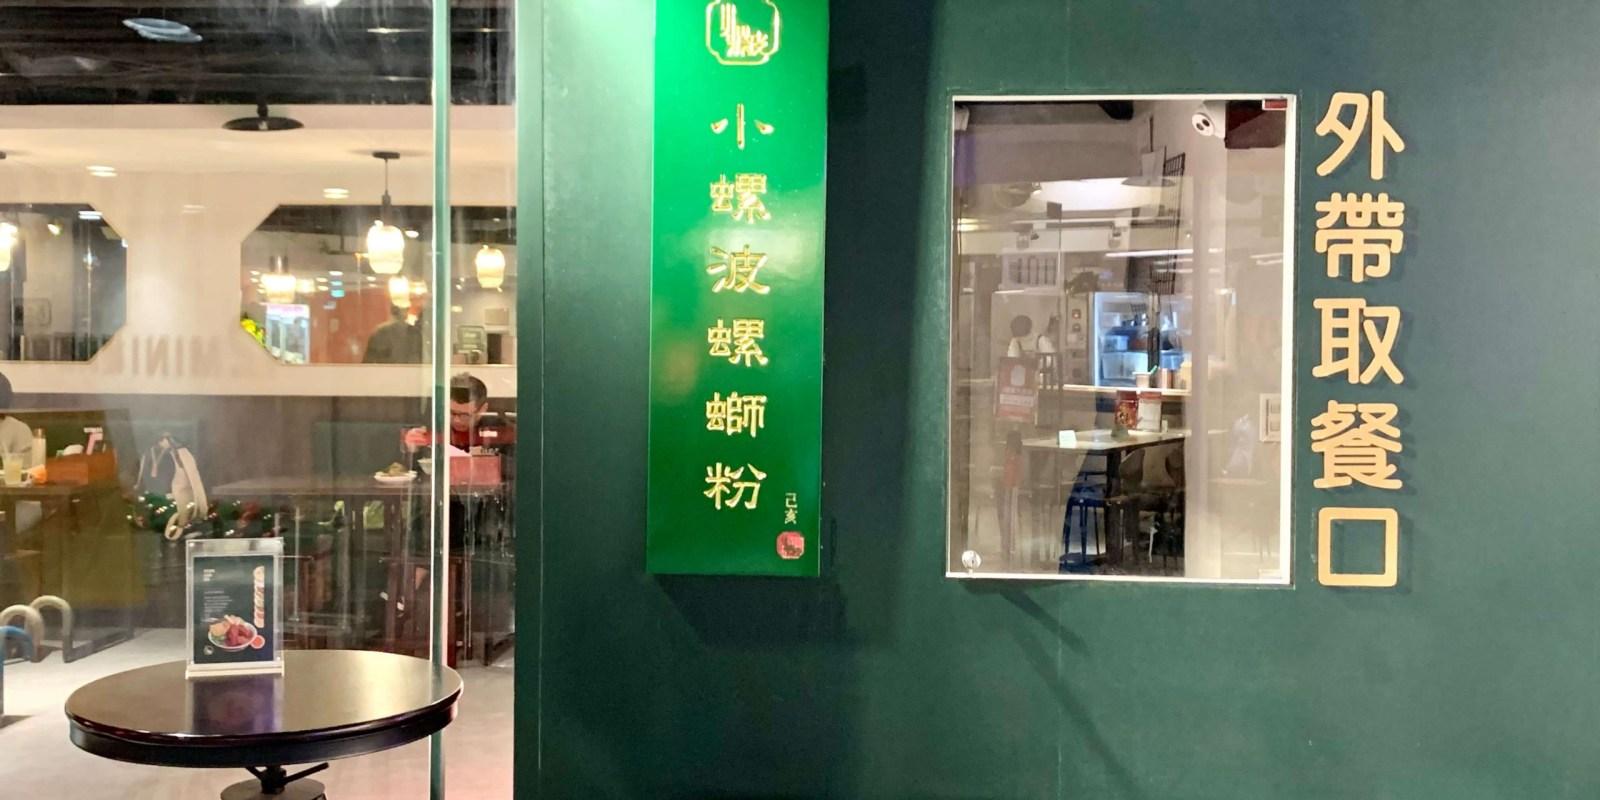 小螺波 XIAO LUO BO的2021年外送優惠、內用菜單及分店資訊 (6月更新)